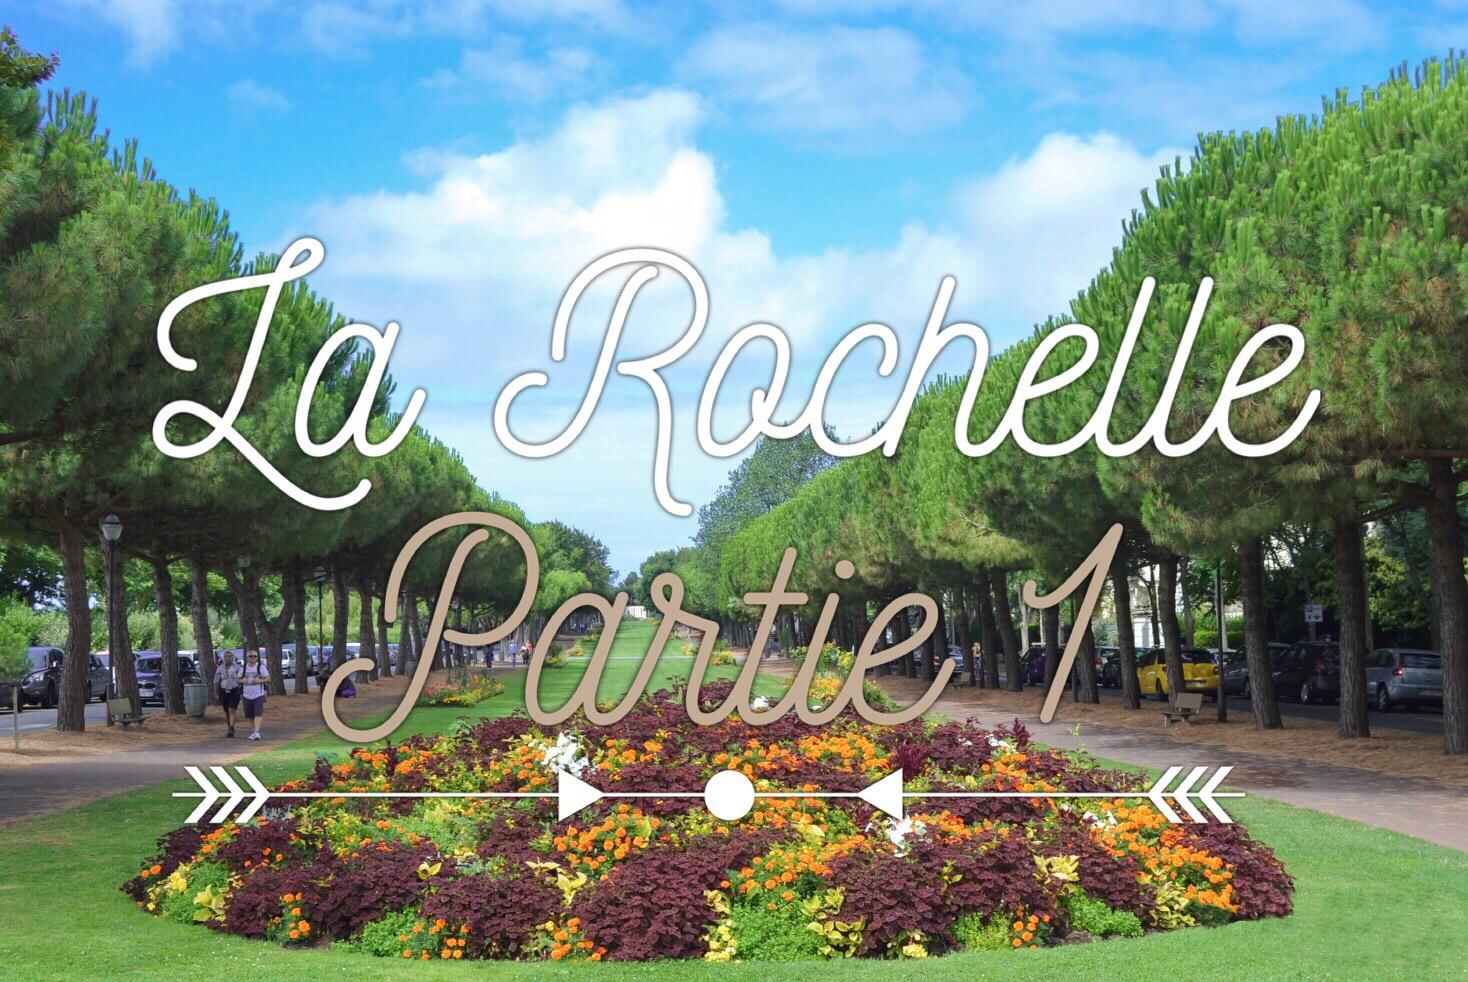 Semaine à La Rochelle une semaine à La Rochelle carnet de bord semaine à La Rochelle quoi faire à La Rochelle quoi faire en une semaine à La Rochelle les p'tits touristes blog voyage les petits touristes